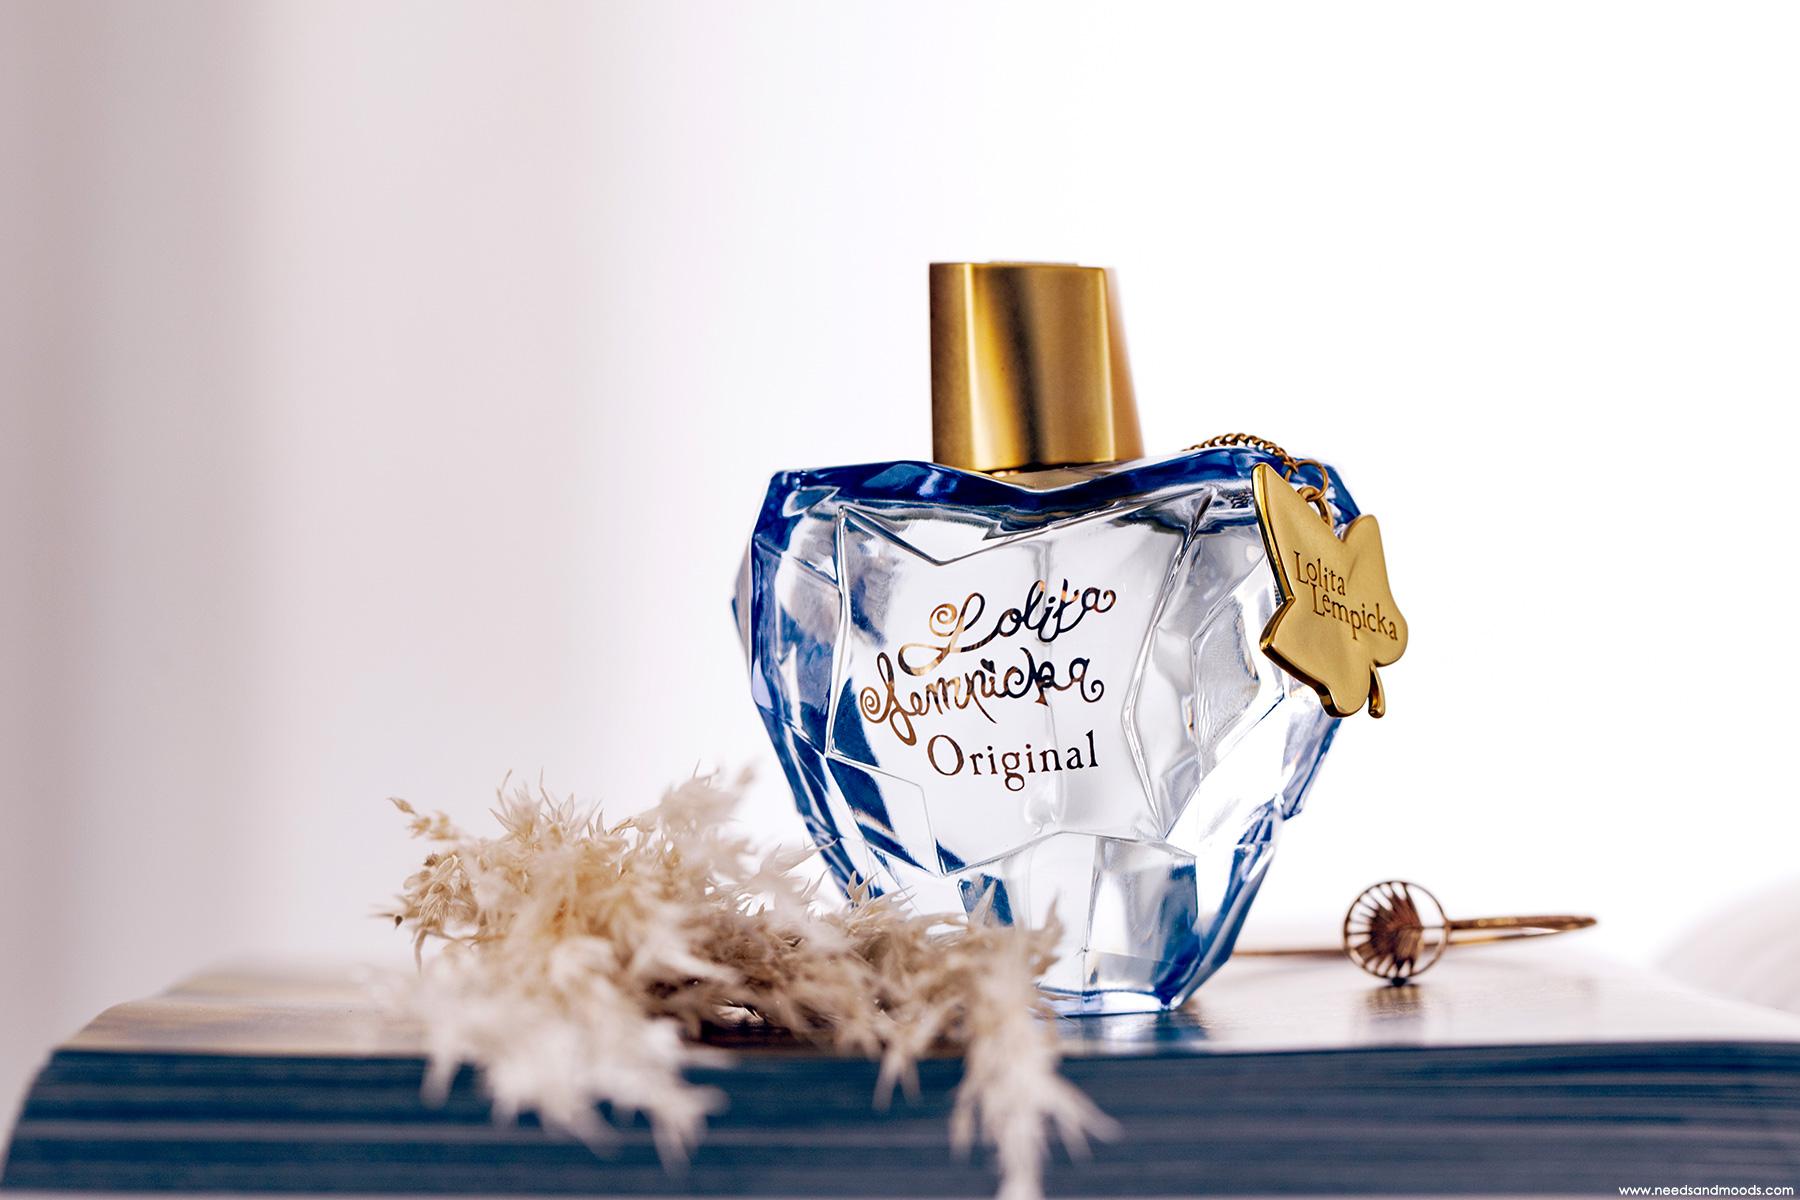 lolita lempicka parfum edition limitee